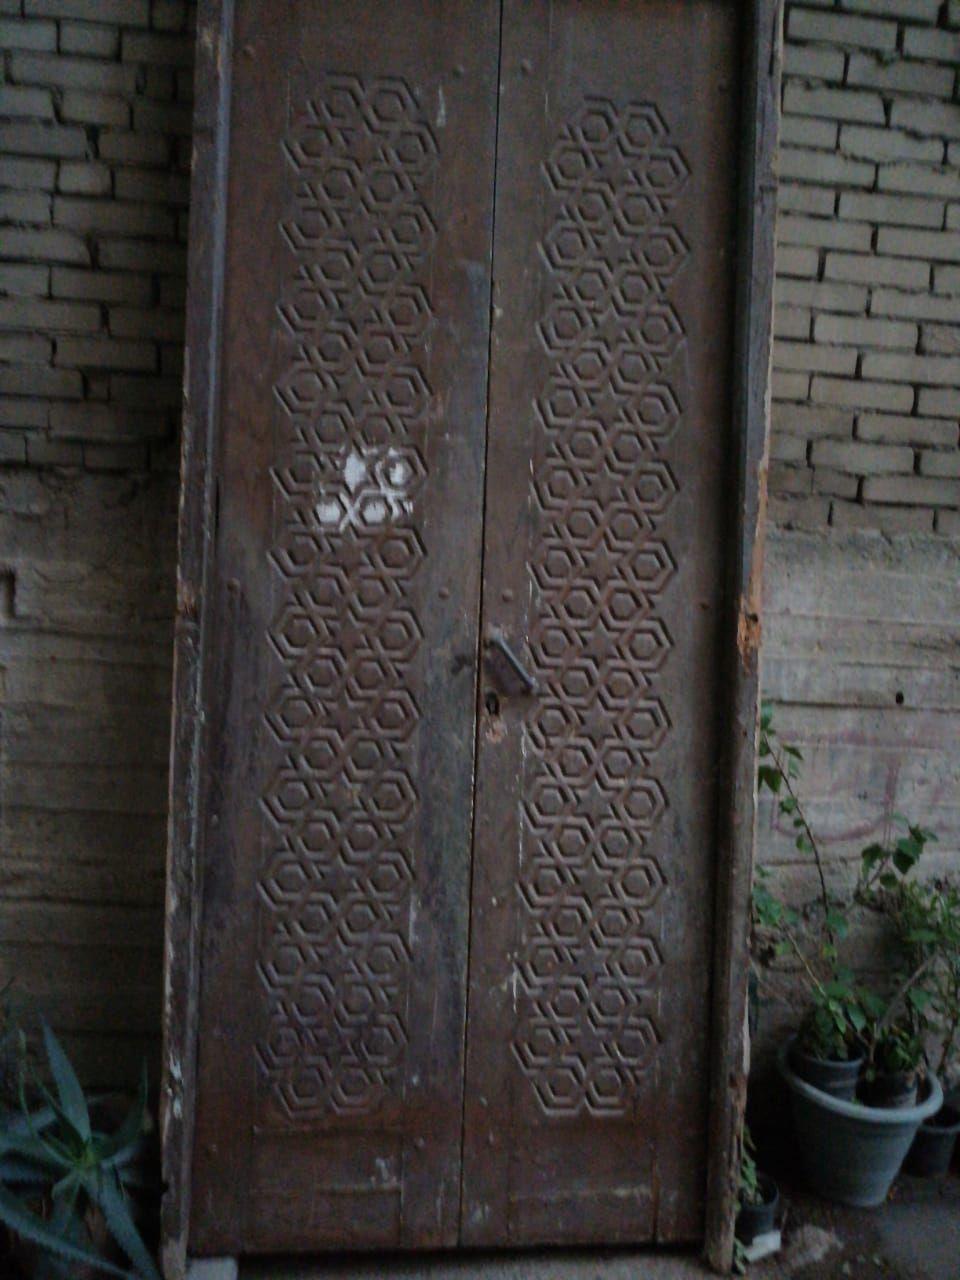 الباب السابق نشره عملنا منه قطعة للتلفزيون طولها 300 سنتي و عمقها 50 سنتي هذة صورتها الان في بيت الزبونة We Have Made A Architectural Antiques Decor Antiques